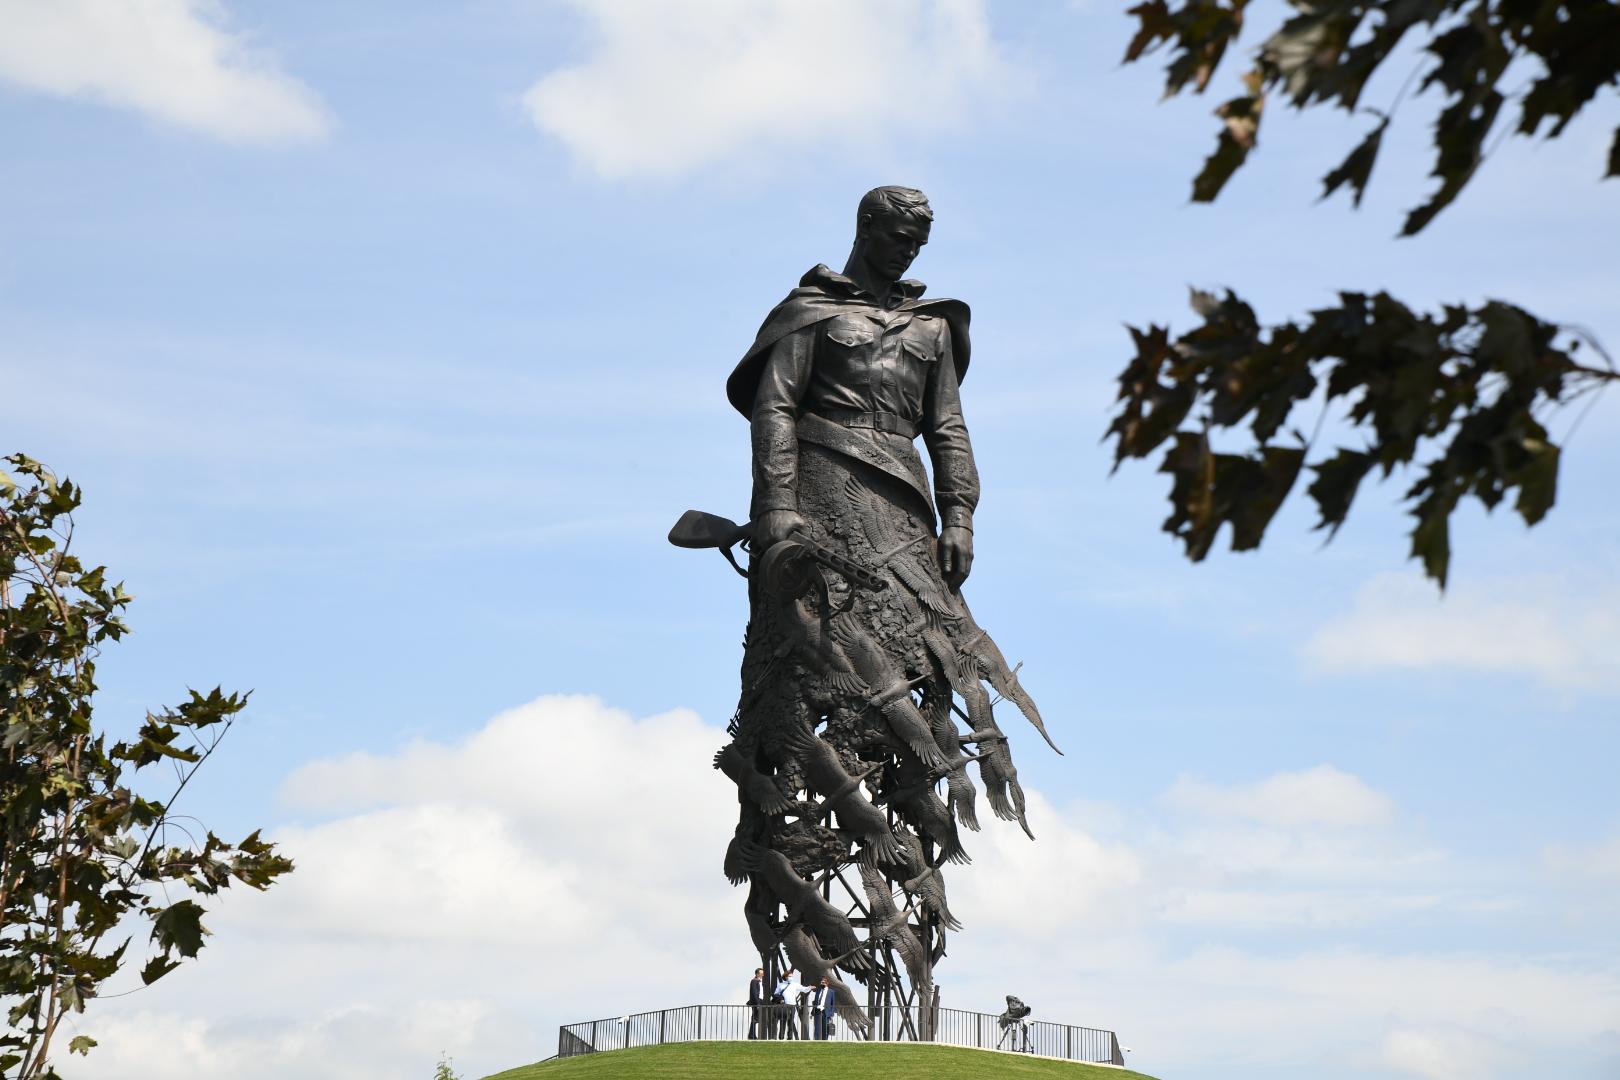 Ржевский мемориал Советскому солдату в Тверской области посетили более 100 тысяч человек